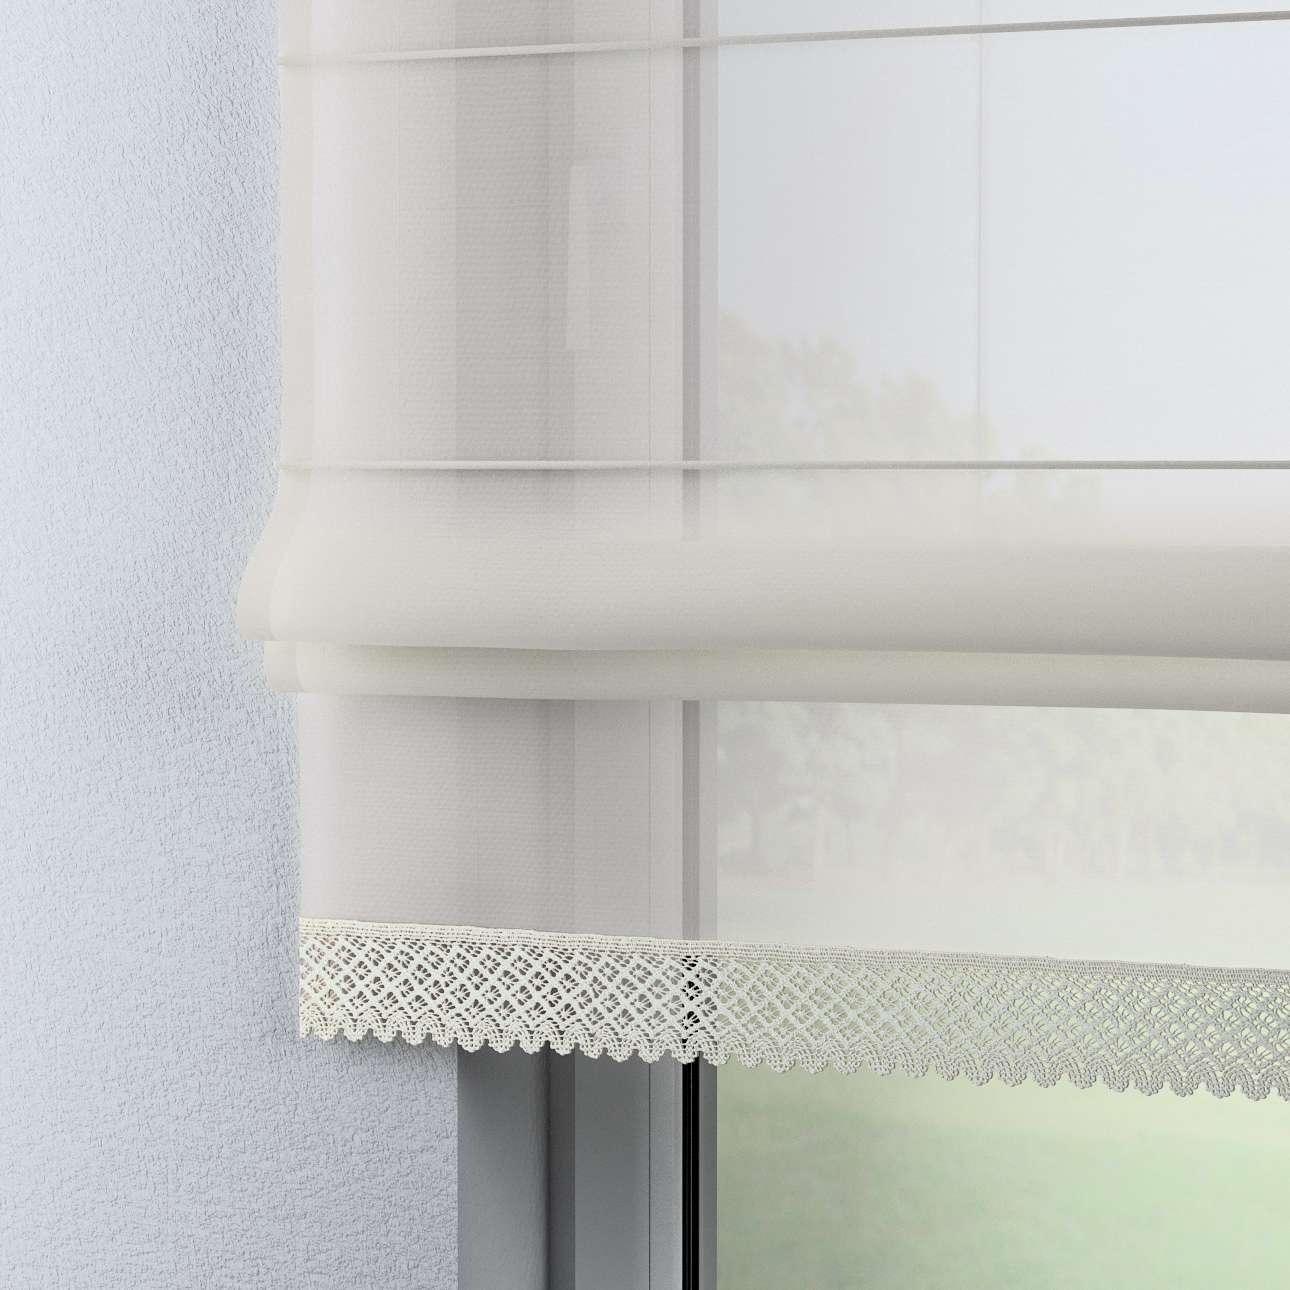 Rímska roleta Lily z voalu biela so širokou čipkou 100x180cm V kolekcii Záclona hladká, tkanina: 900-01